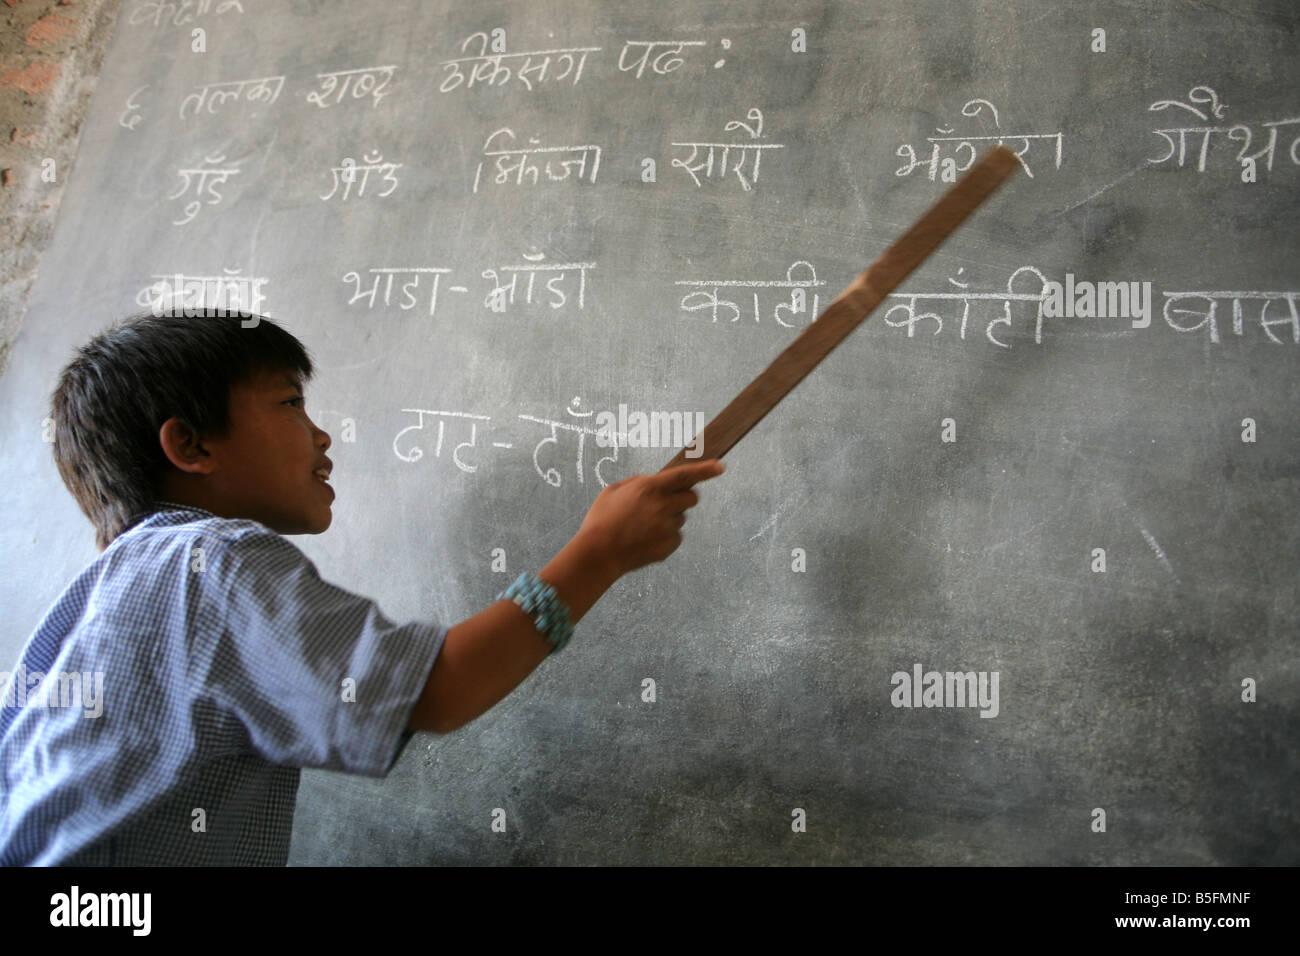 Nepal, boy on a blackboard, lesson in a village school in Jayamangala - Stock Image